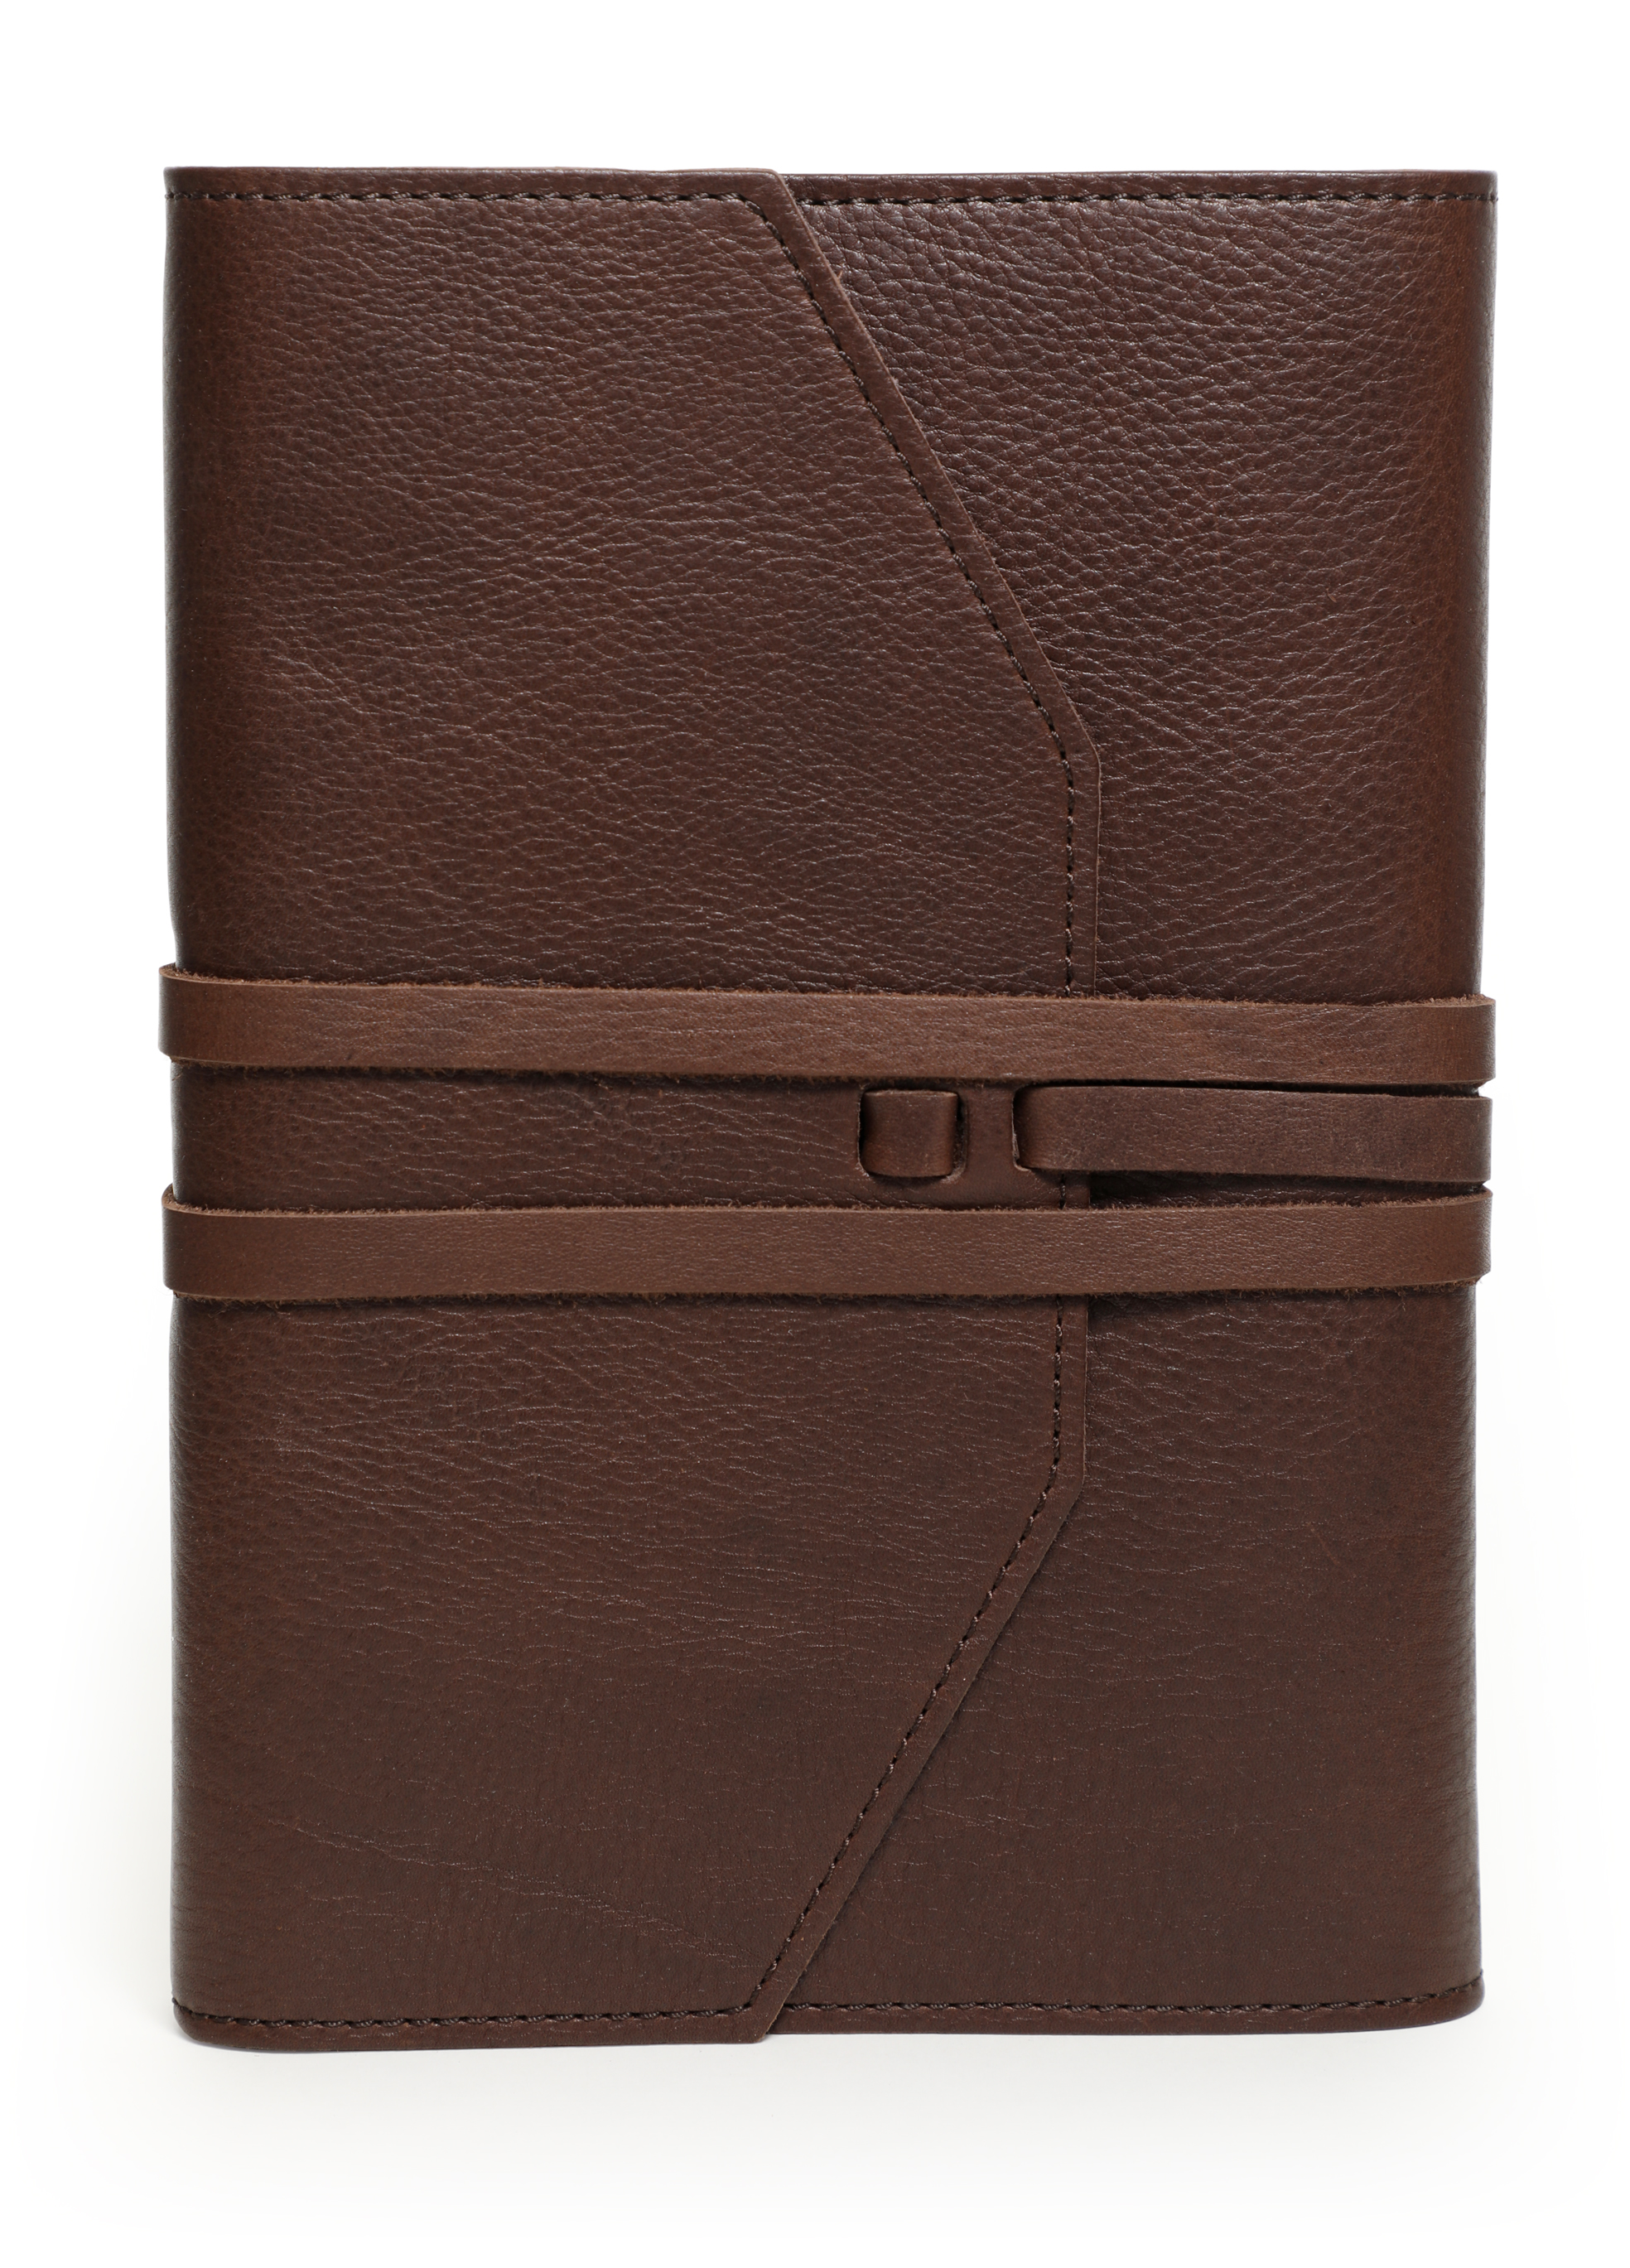 Laccio Refillable Journal